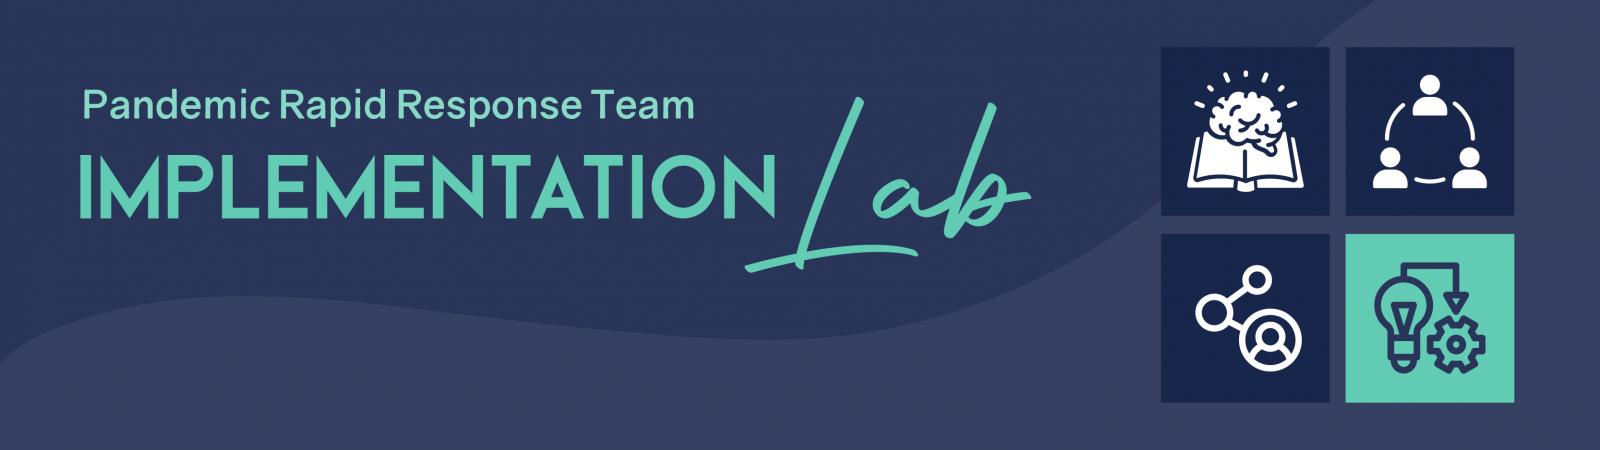 Implementation Lab header image banner image